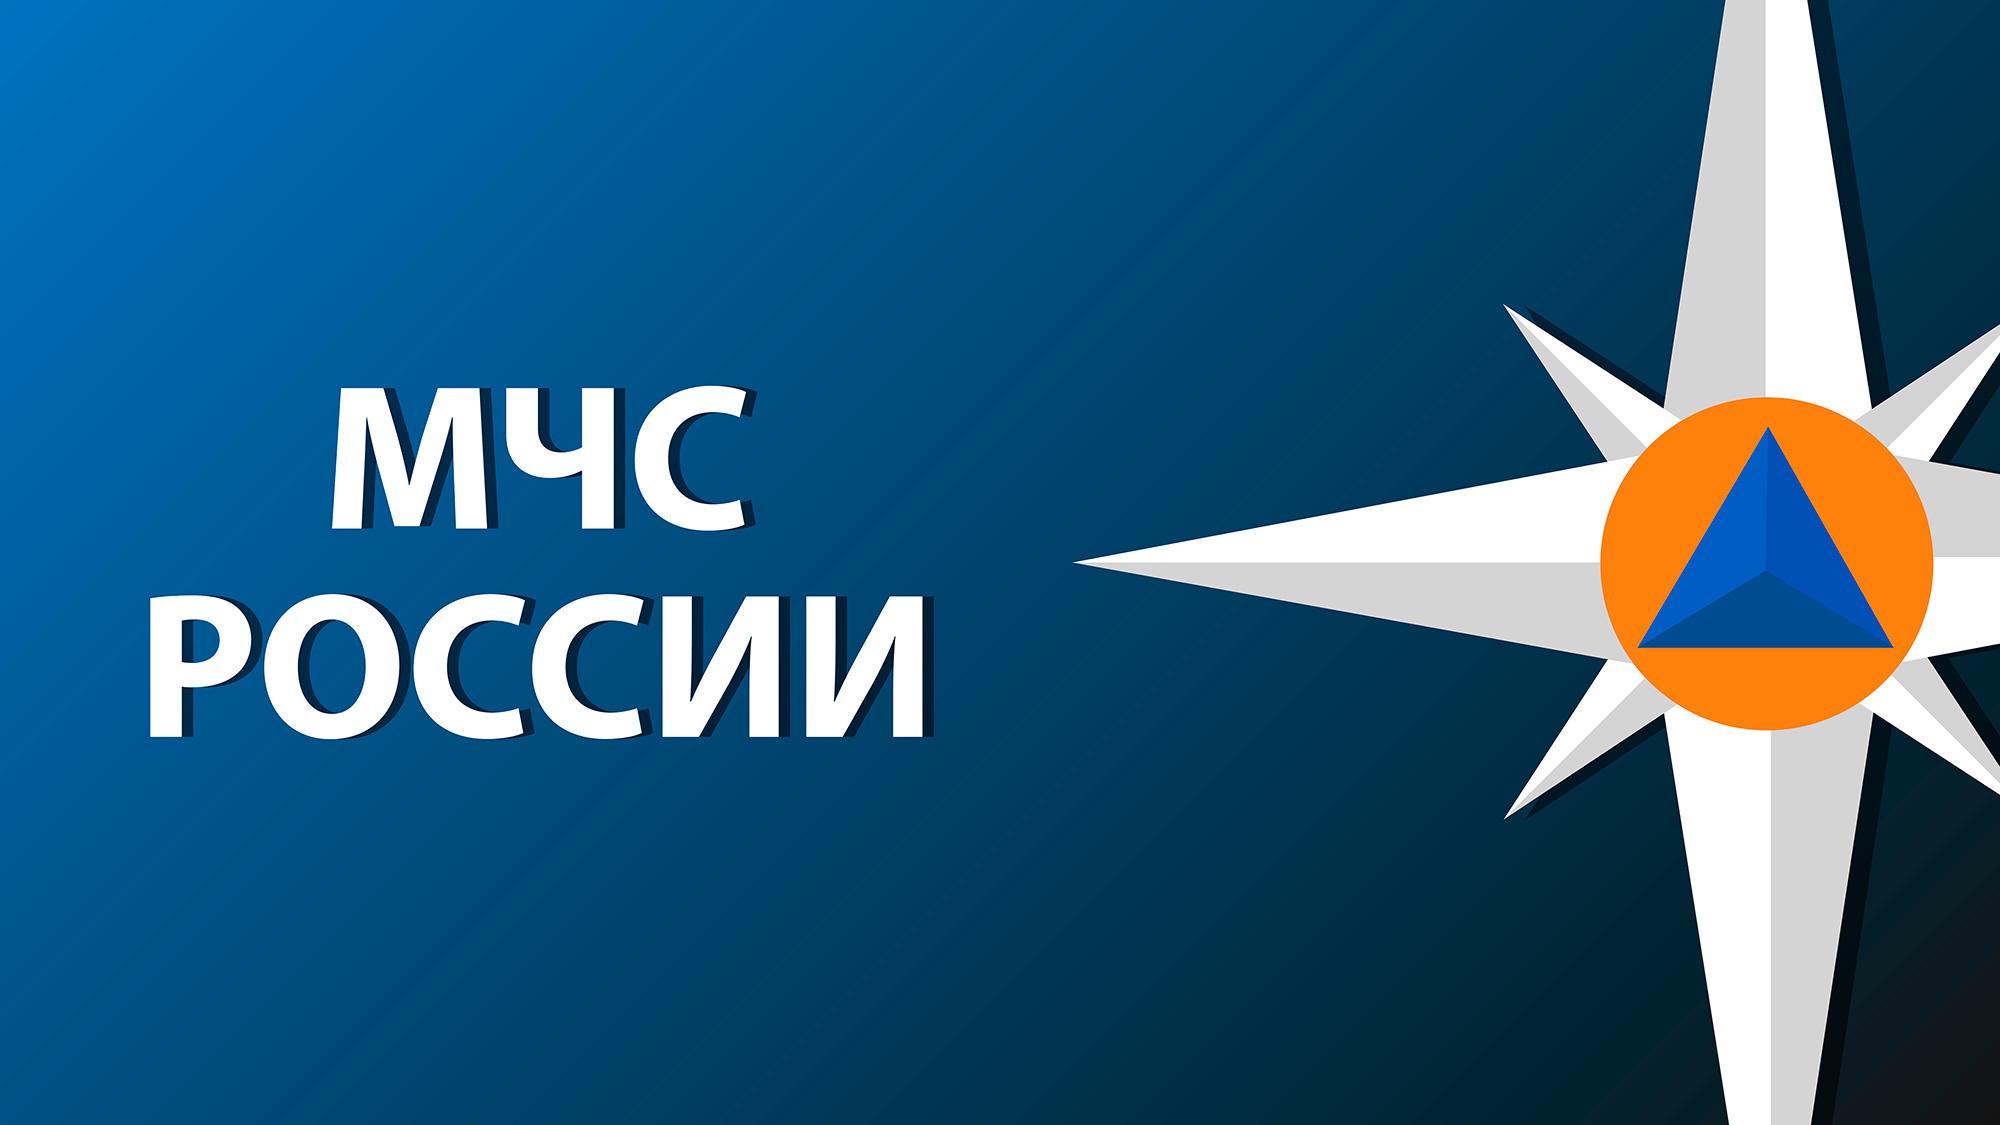 Уточненная обстановка  в  МО Крымский район, Краснодарского края